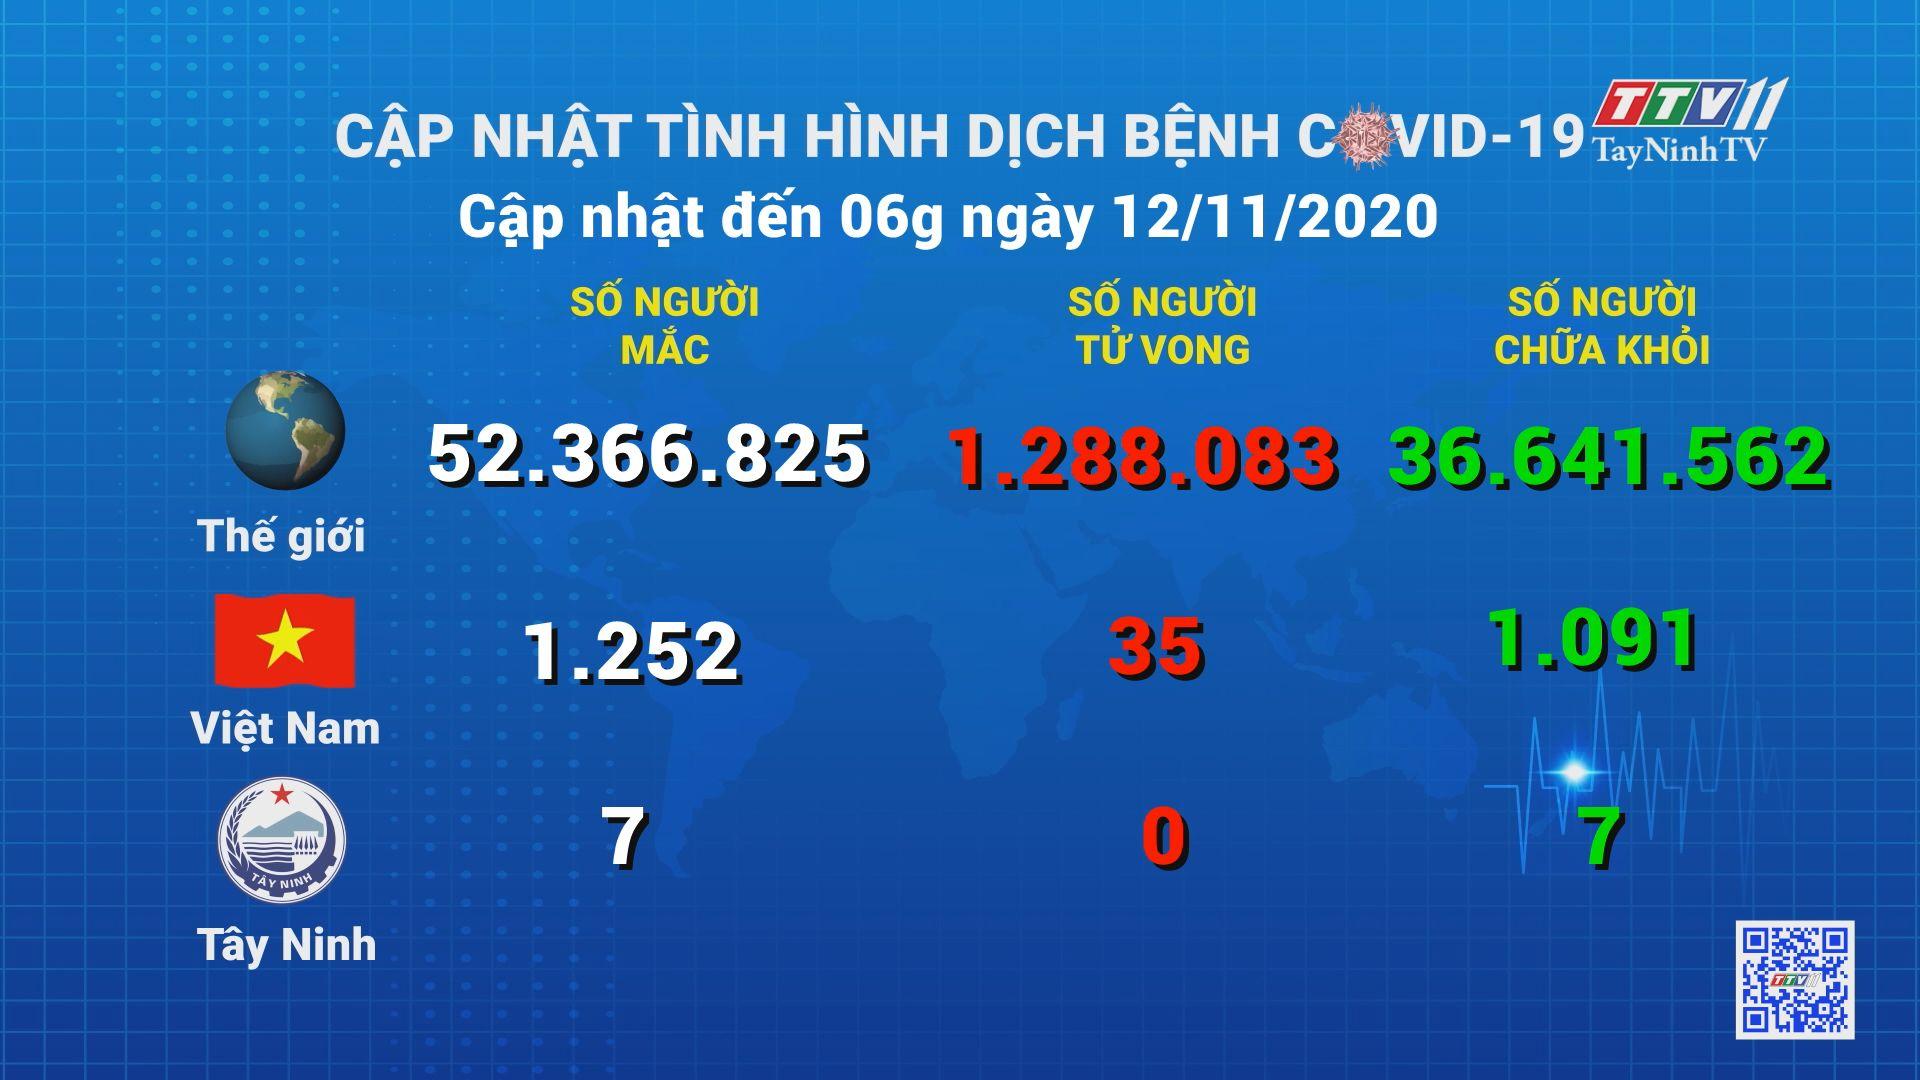 Cập nhật tình hình Covid-19 vào lúc 06 giờ 12-11-2020 | Thông tin dịch Covid-19 | TayNinhTV